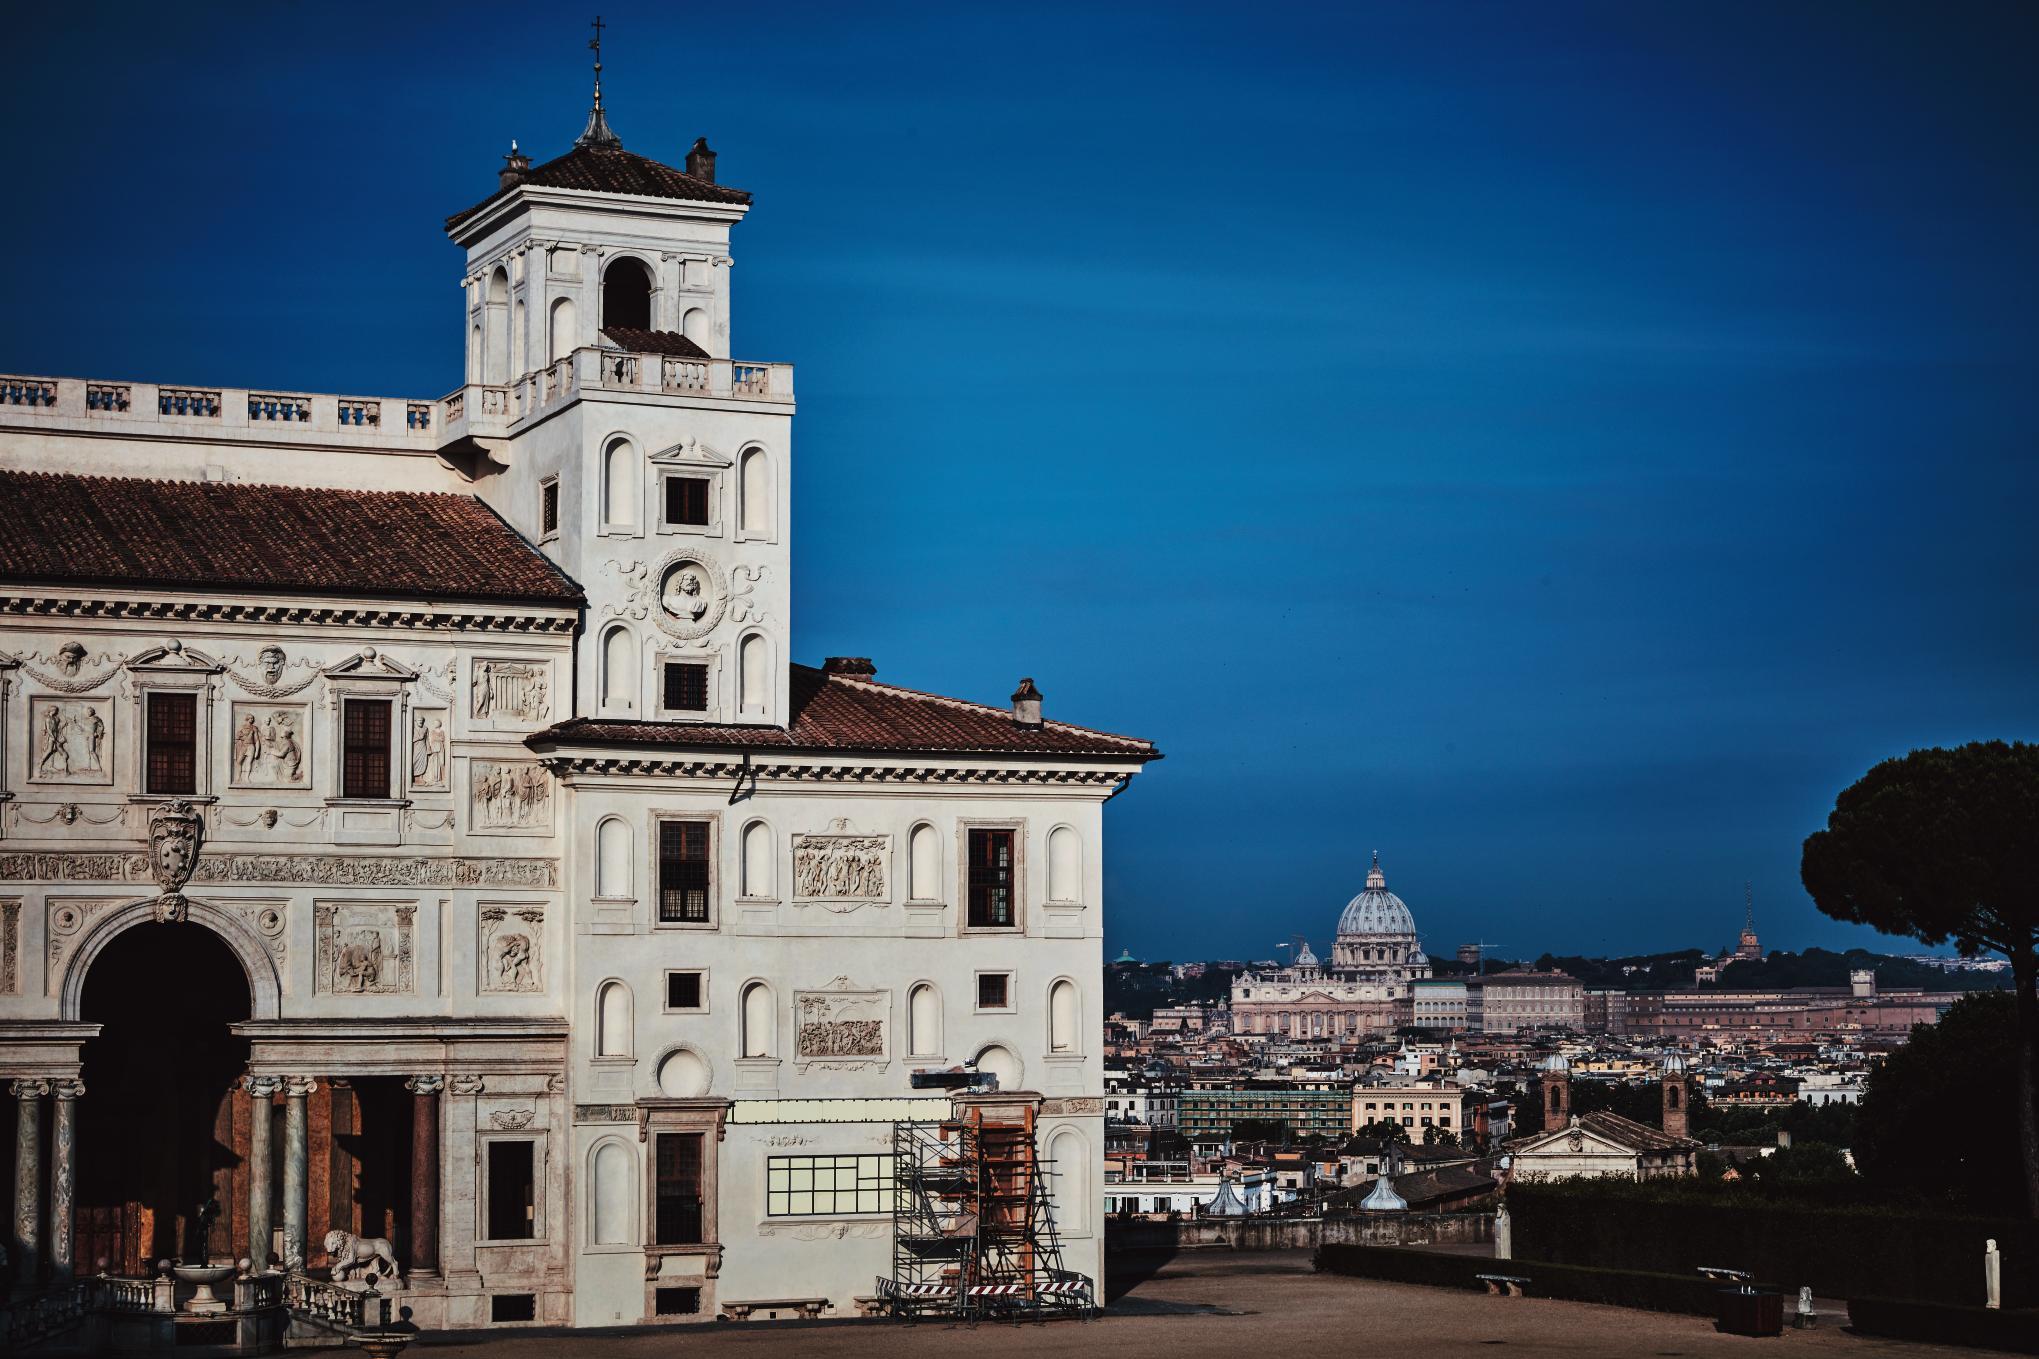 빌라의 정면 뒤로 보이는 로마의 전경과 성 베드로 성당의 돔